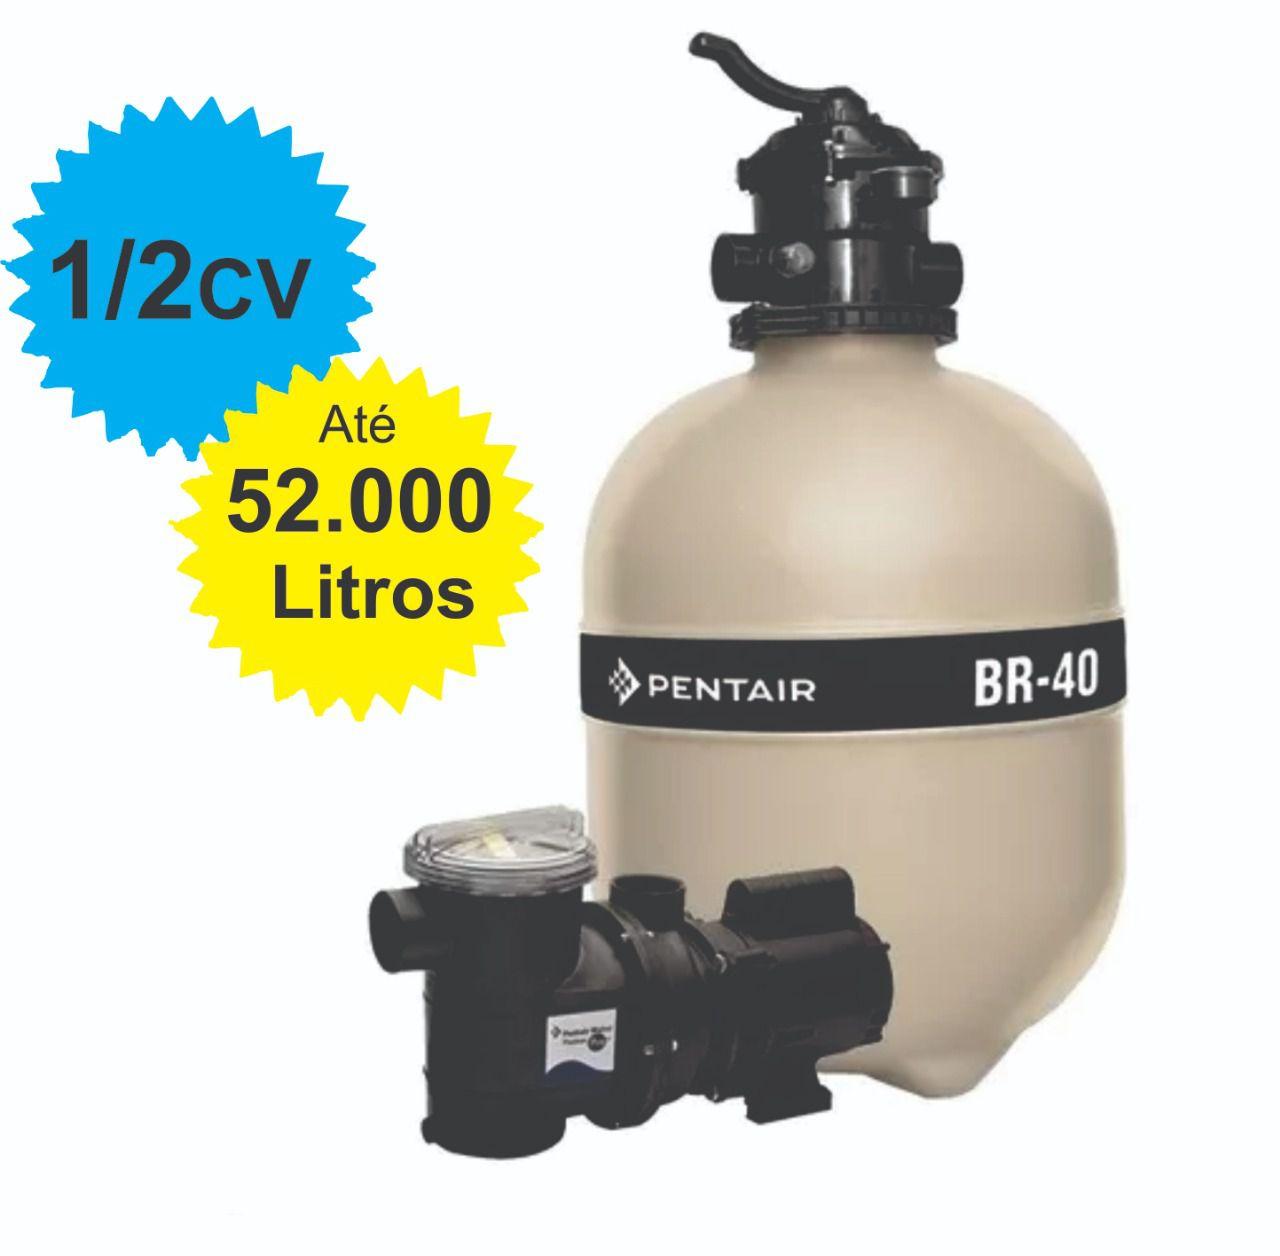 Filtro e Bomba 1/2CV Pentair BR-40 Piscina até 52.000 Litros